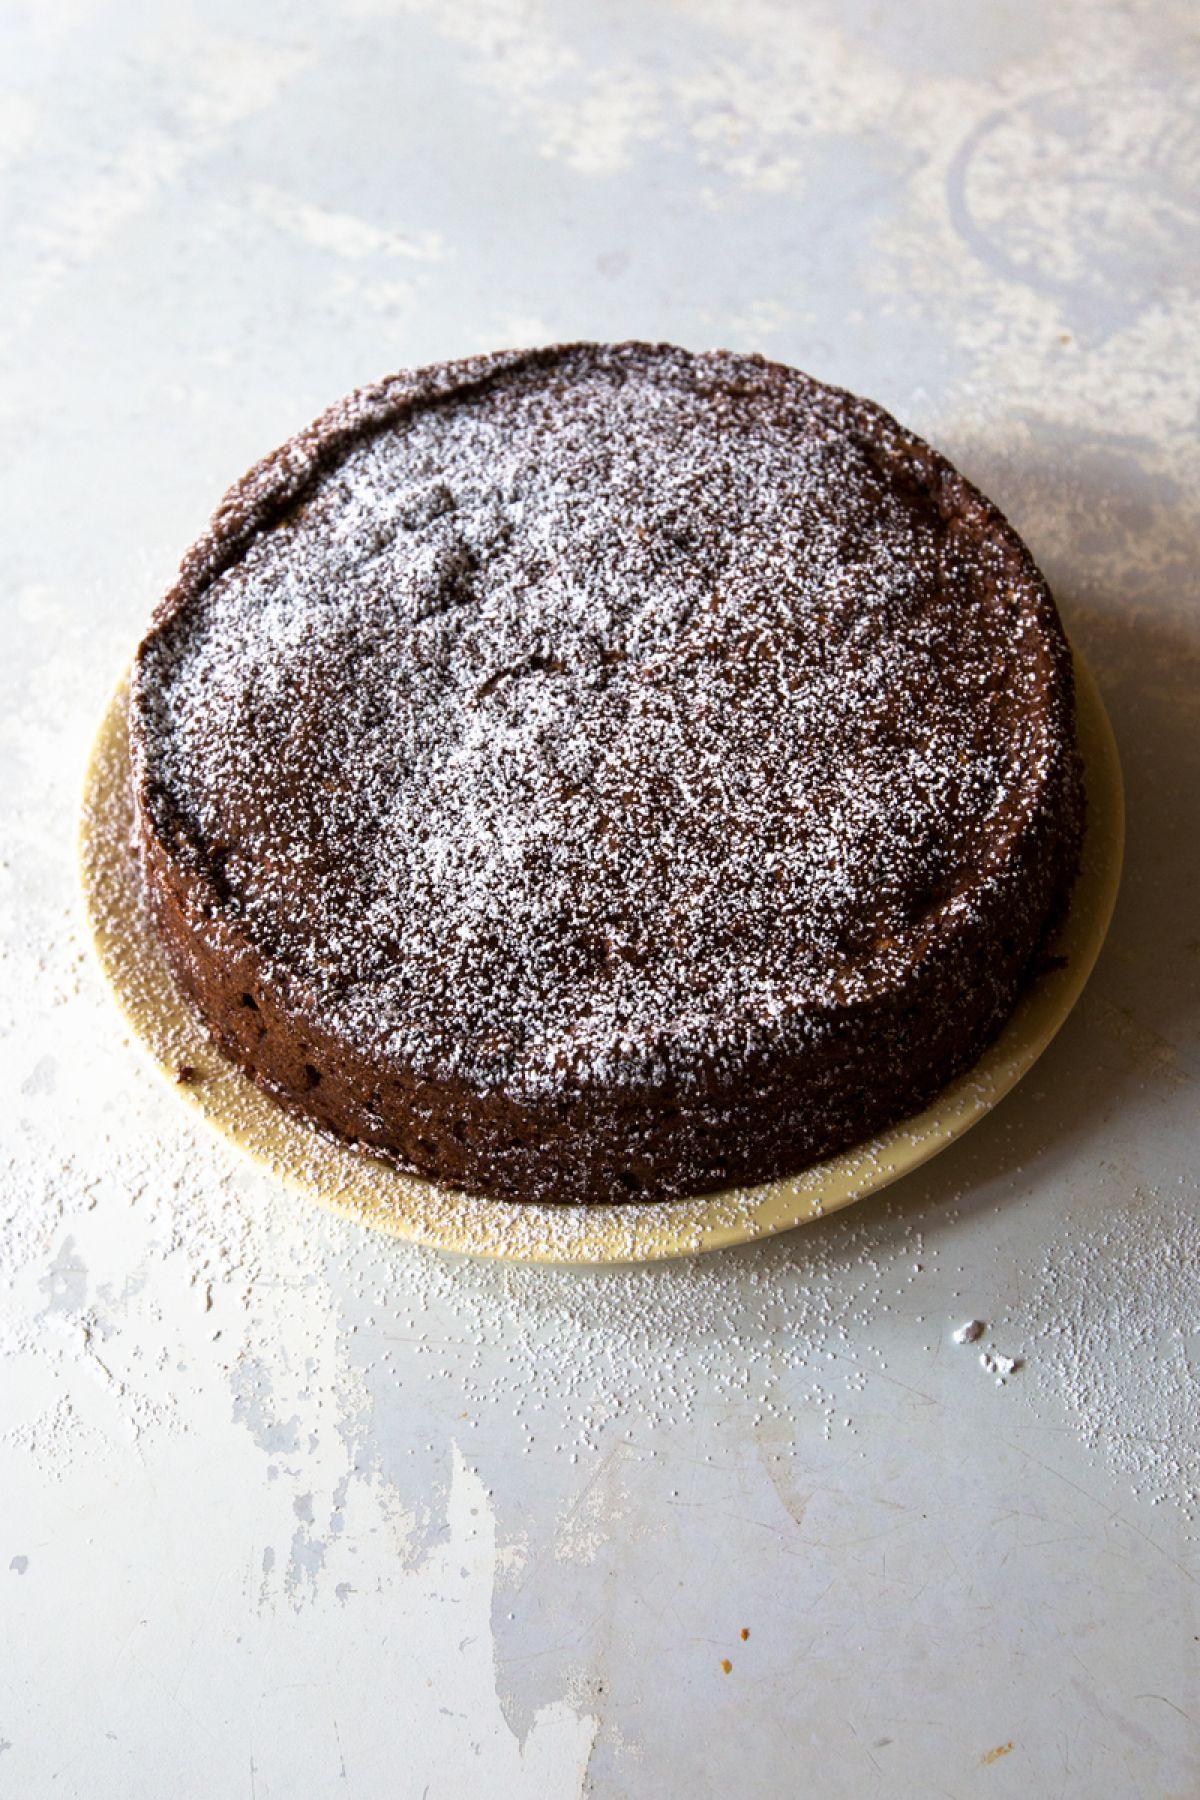 Chocolate Zucchini Cake Amazing Chocolate Cake Recipe Chocolate Zucchini Cake Chocolate Zucchini